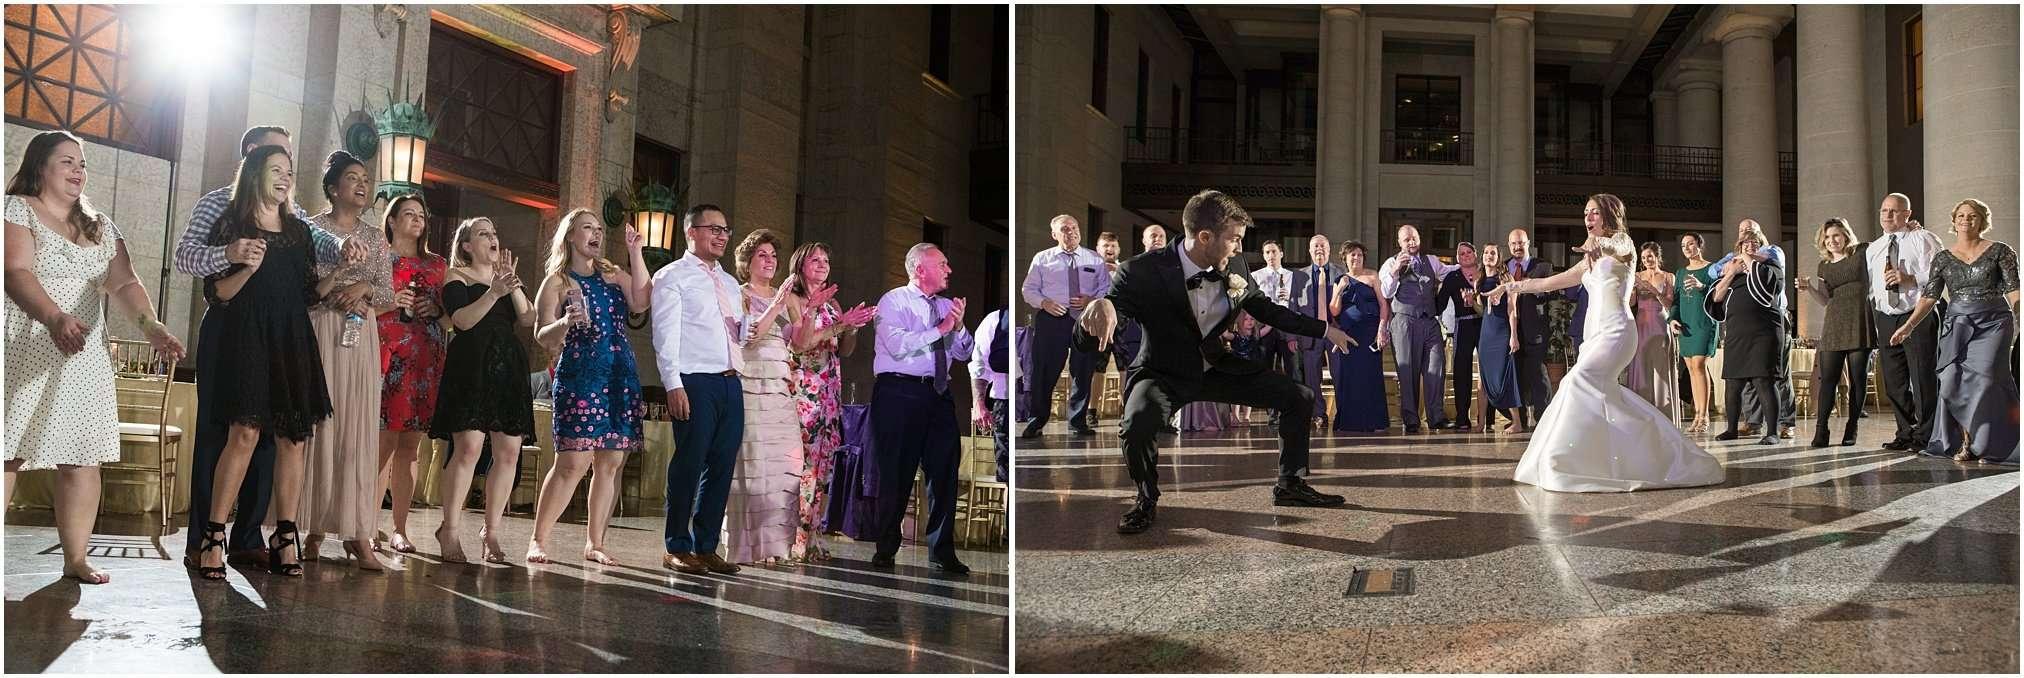 Spring Wedding at the Ohio Statehouse | Columbus Ohio Photography 234